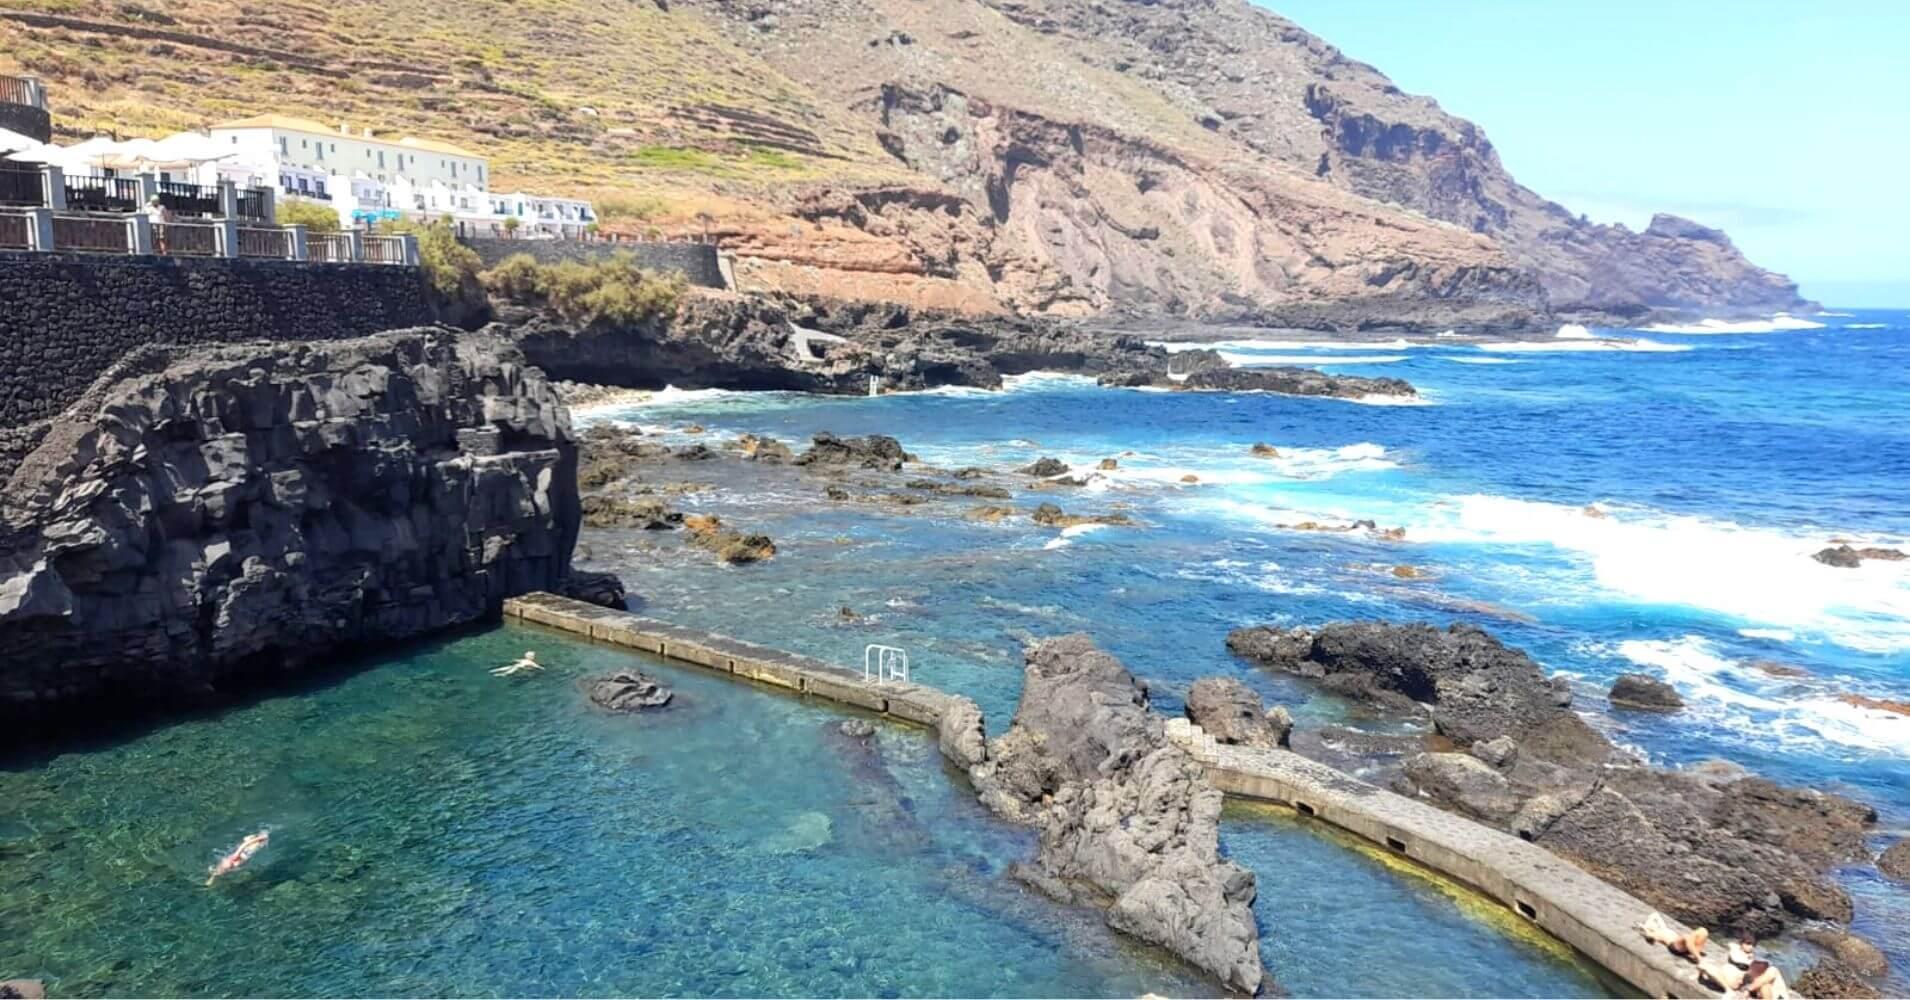 Piscinas Naturales de La Fajana. La Palma. Islas Canarias.